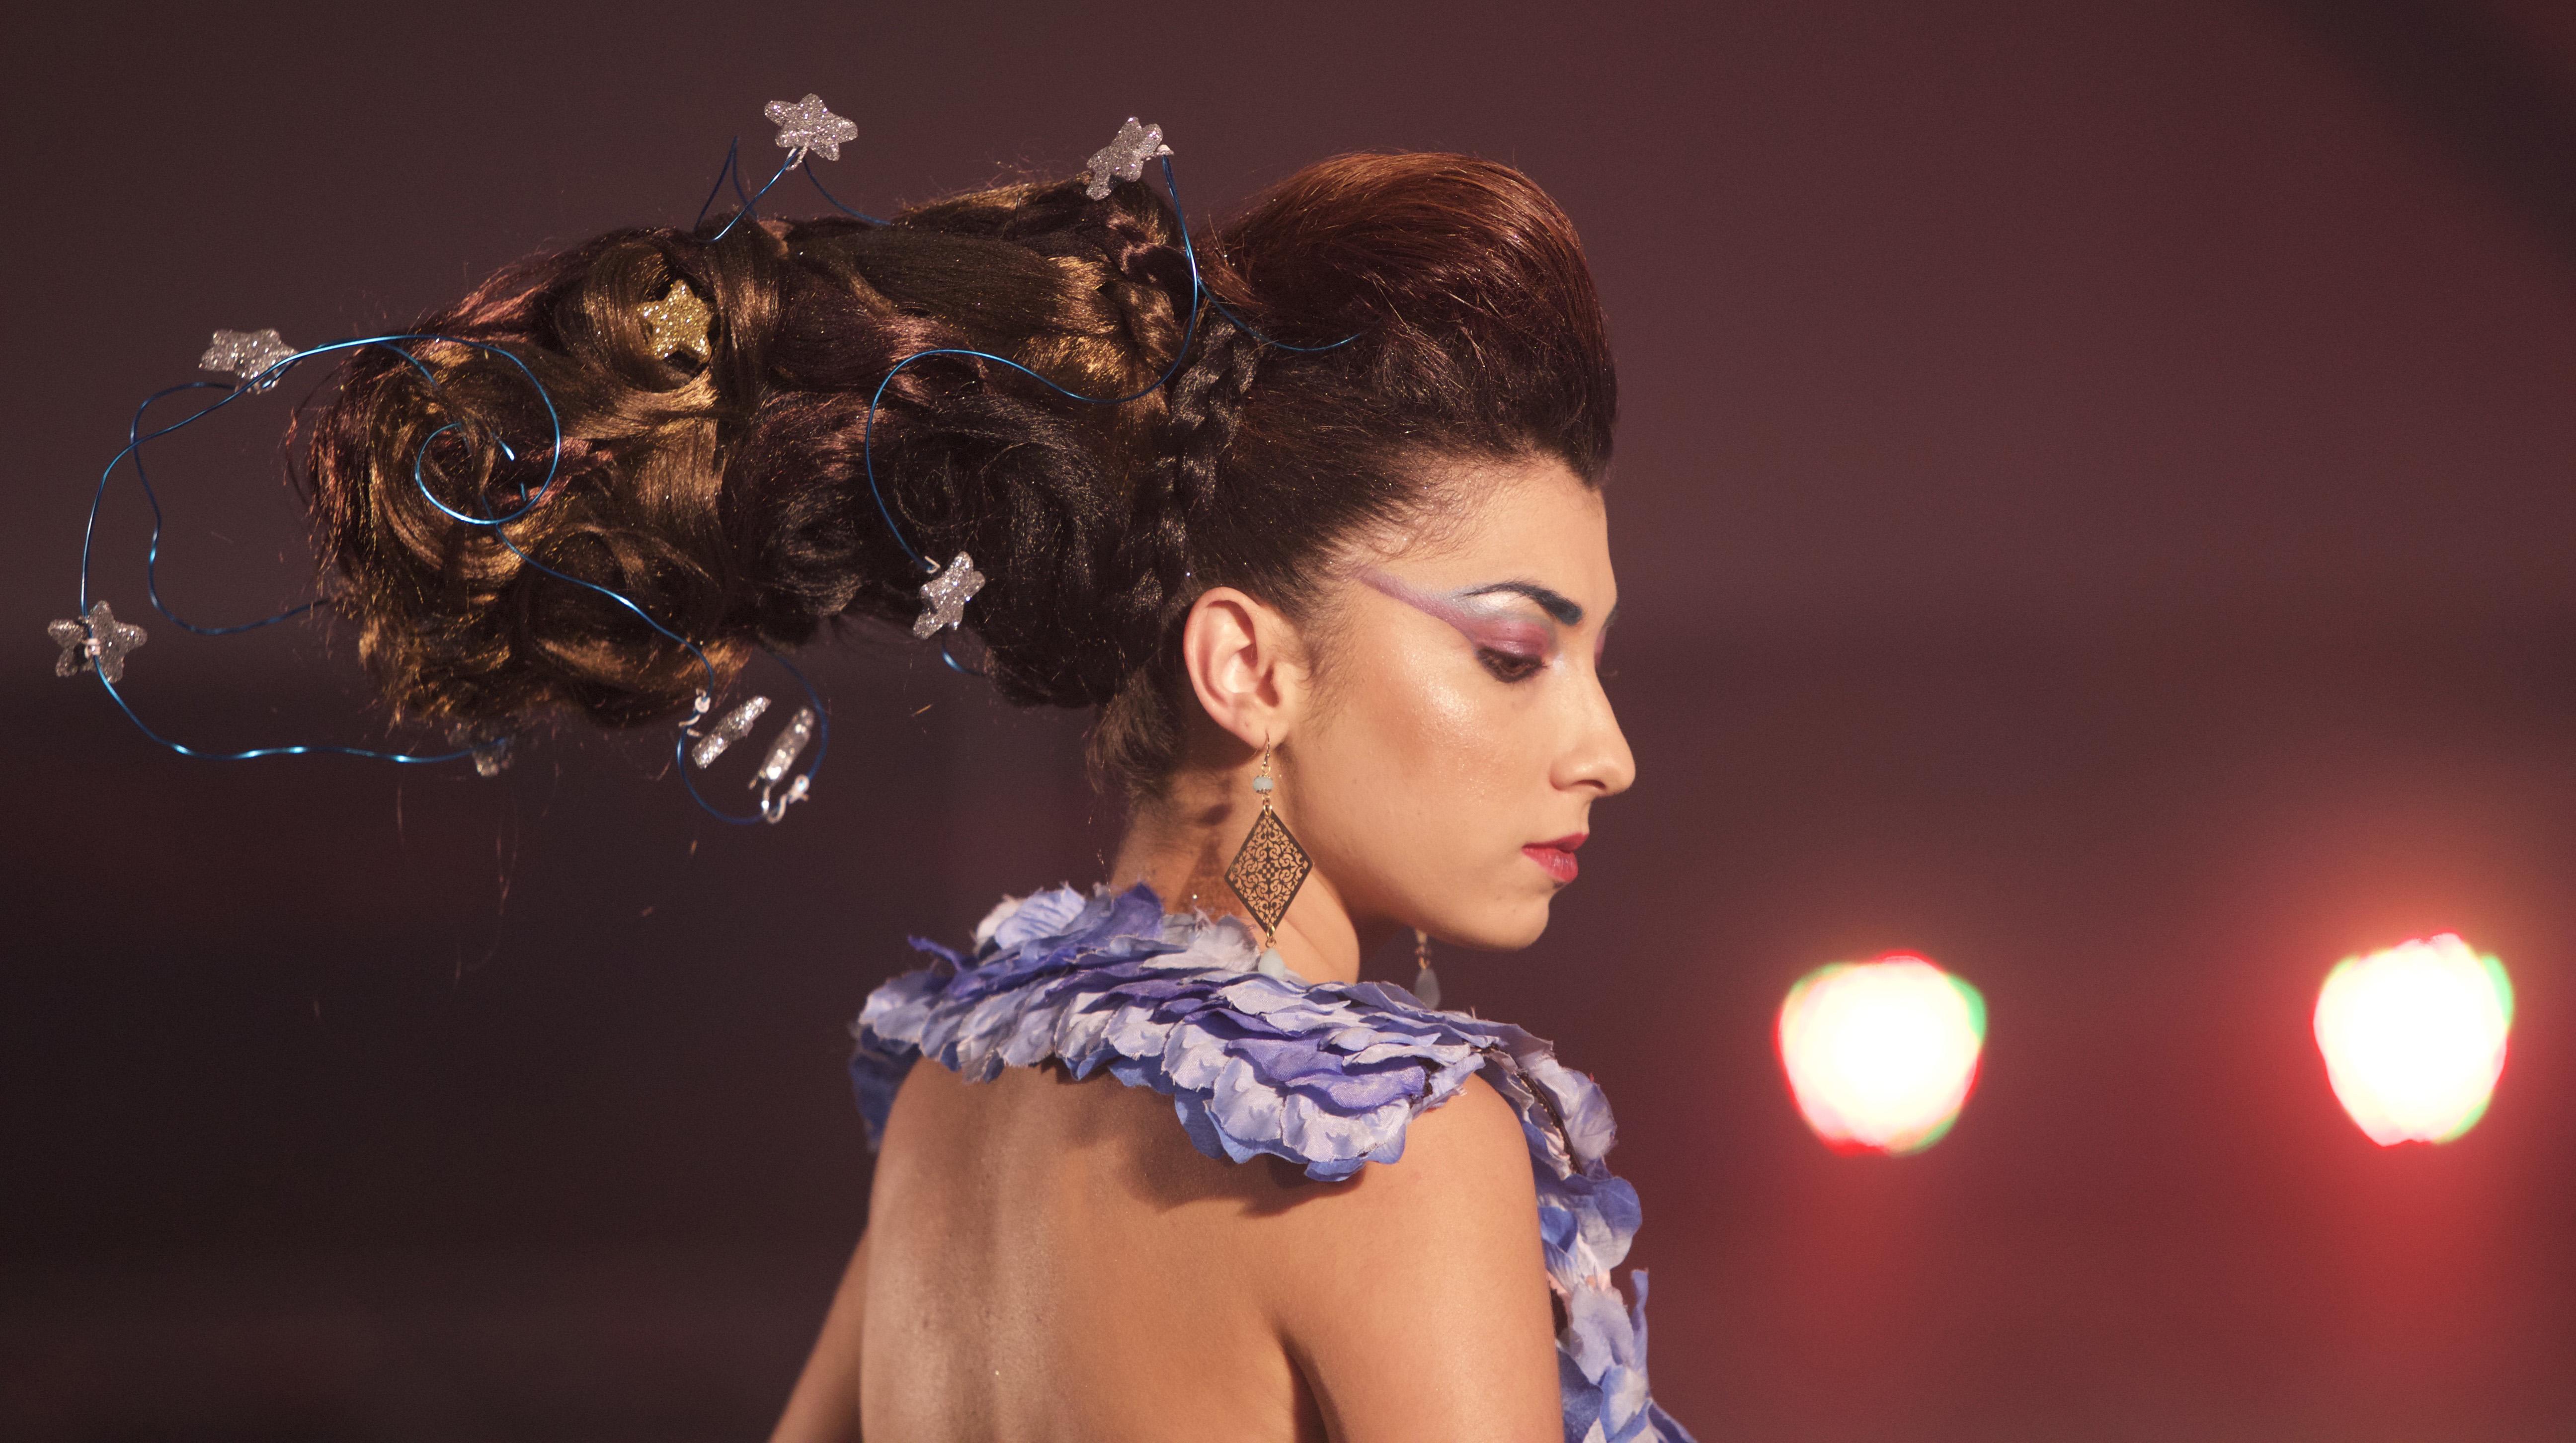 """Show coiffure à la Plaine des Cafres<br>""""La tête dans les étoiles"""""""